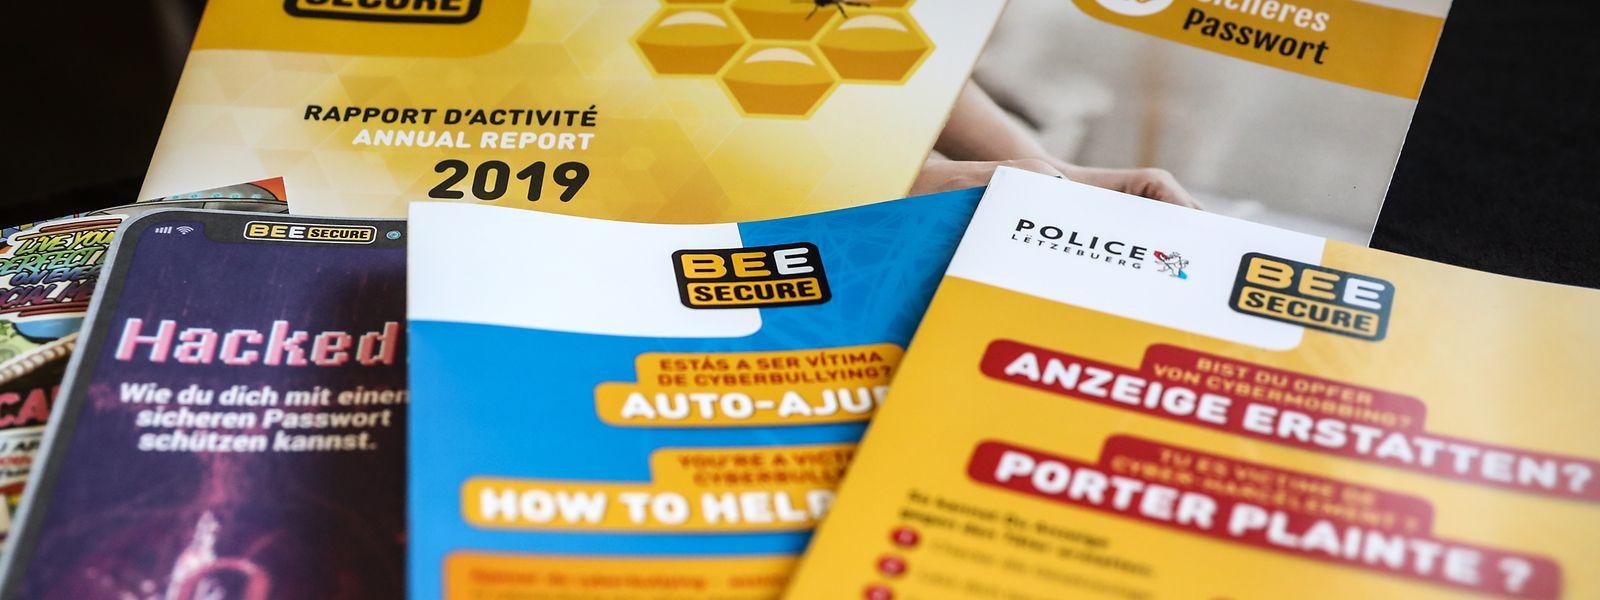 Die Initiative Bee Secure lanciert regelmäßig neue Ratgeber und Kampagnen, um die Internetnutzer aus Luxemburg über die digitale Welt aufzuklären.